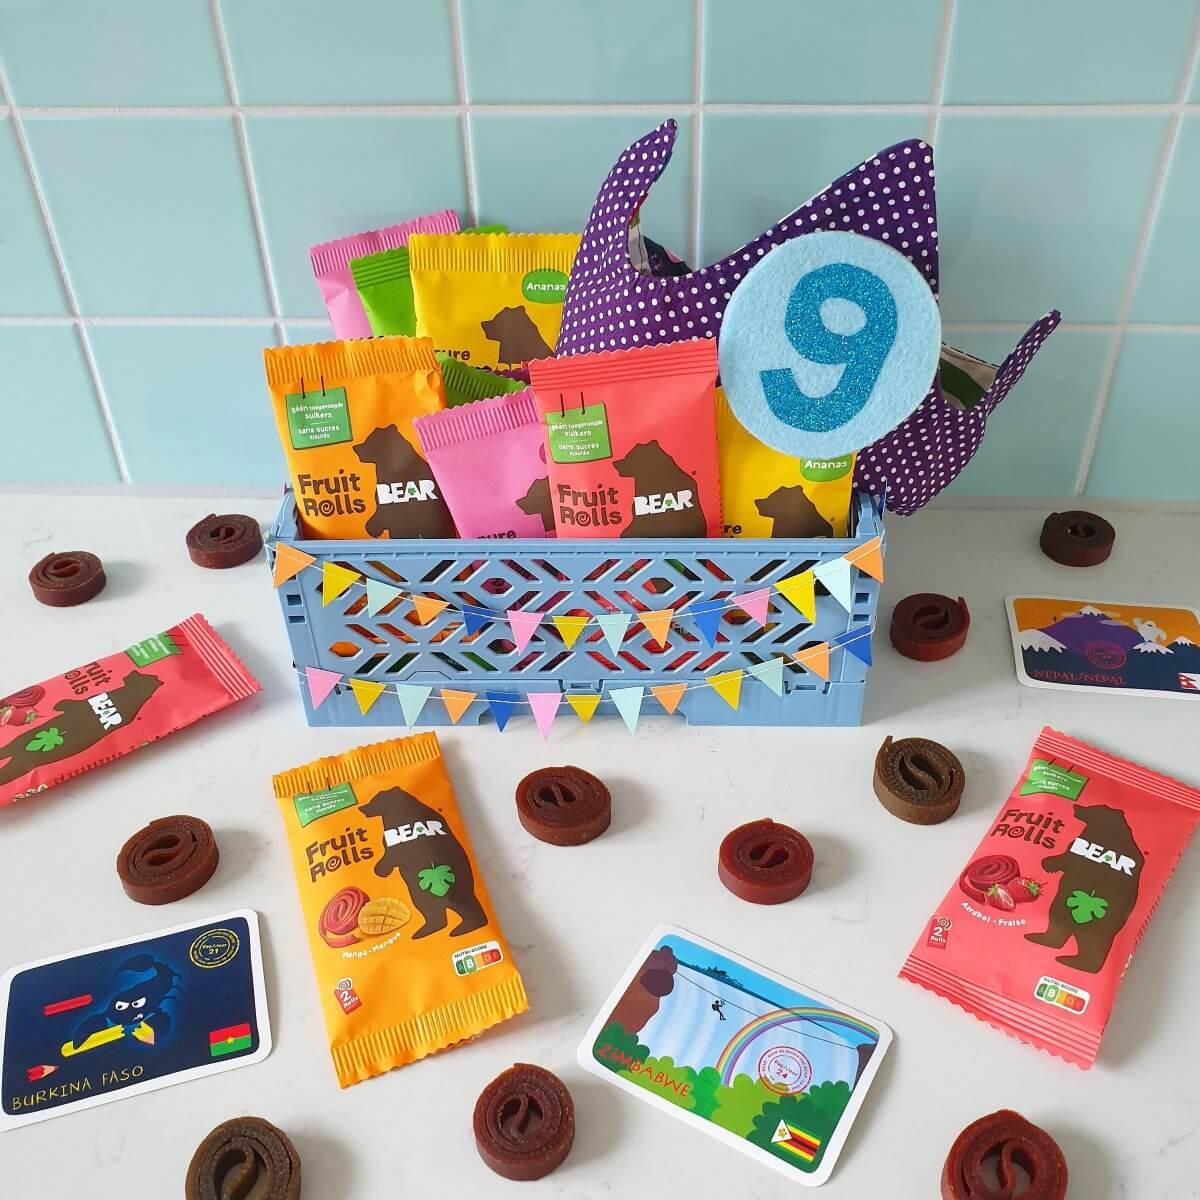 Bear fruit snacks - corona proof en gezonde traktatie op school of crèche